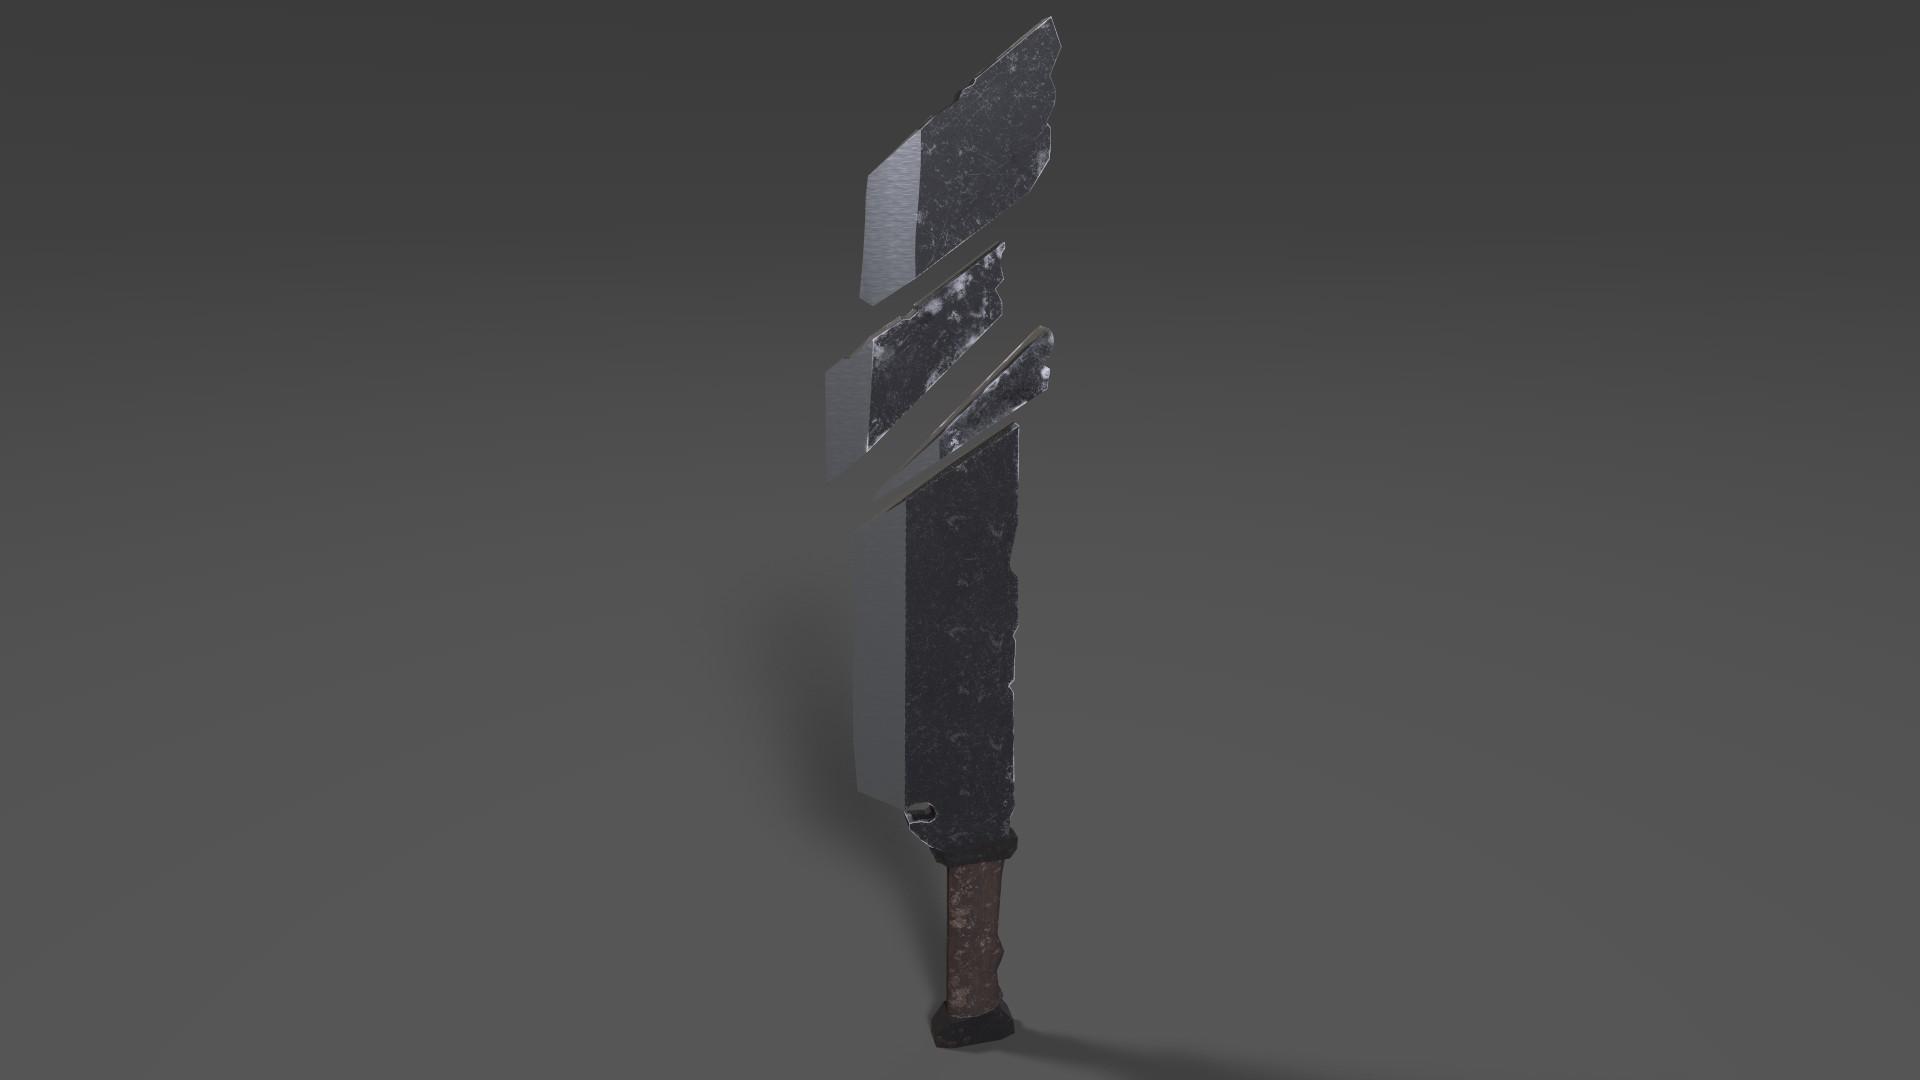 Tyler o grady sword